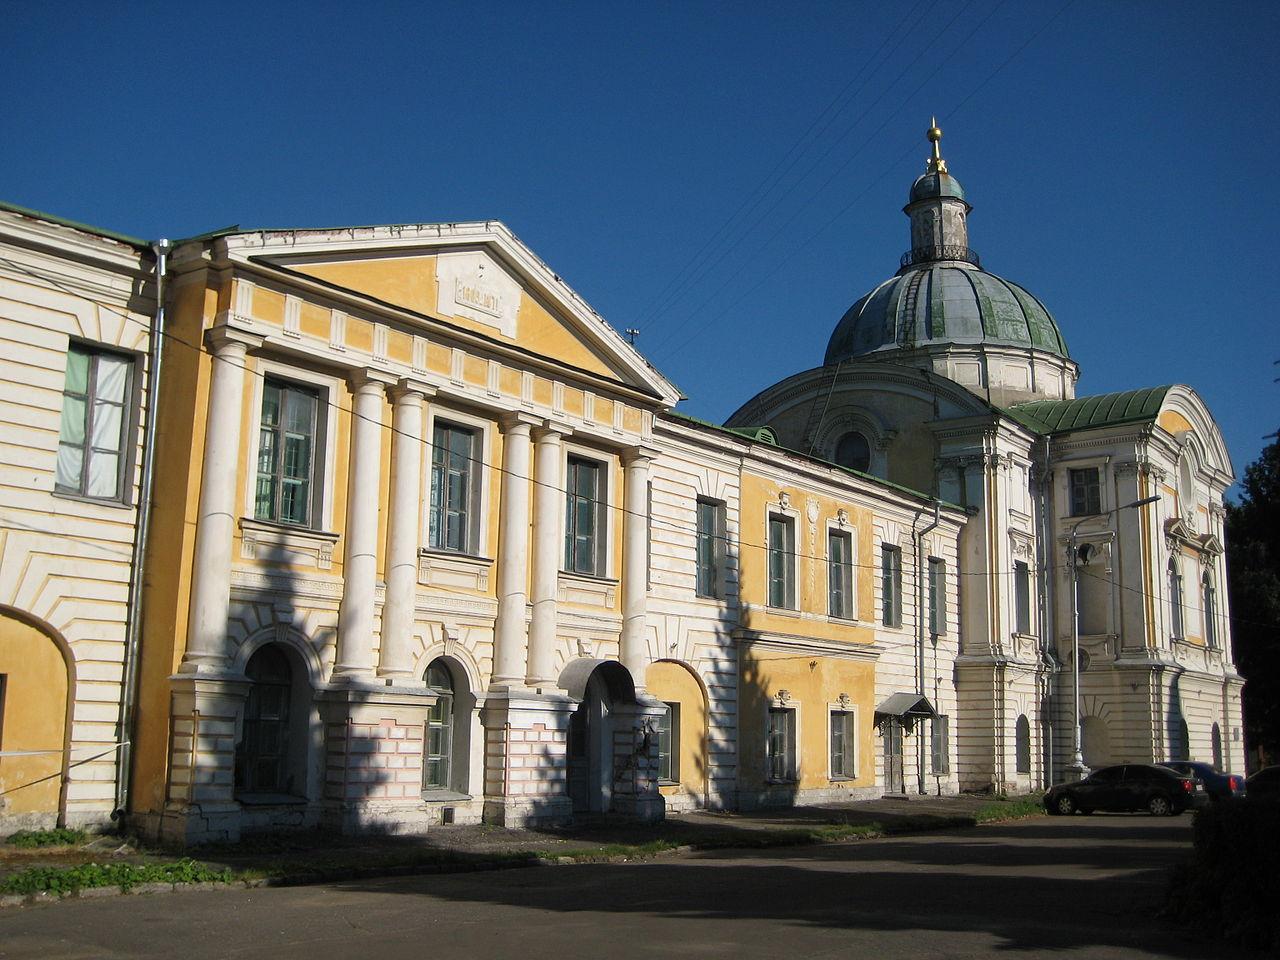 Императорский путевой дворец в Твери, главный корпус